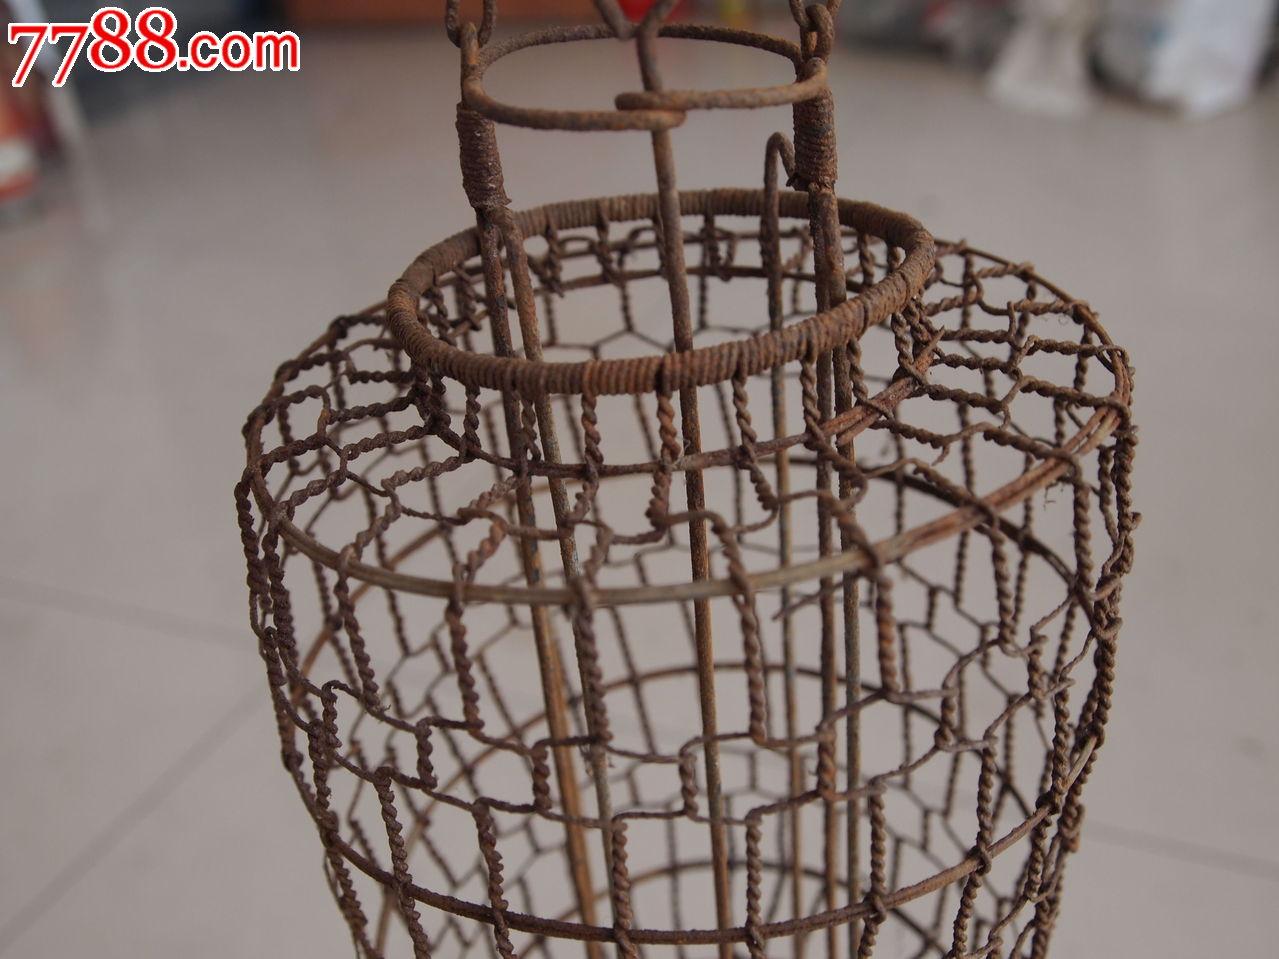 民国铁丝编织灯笼架子配原装老包浆木挑